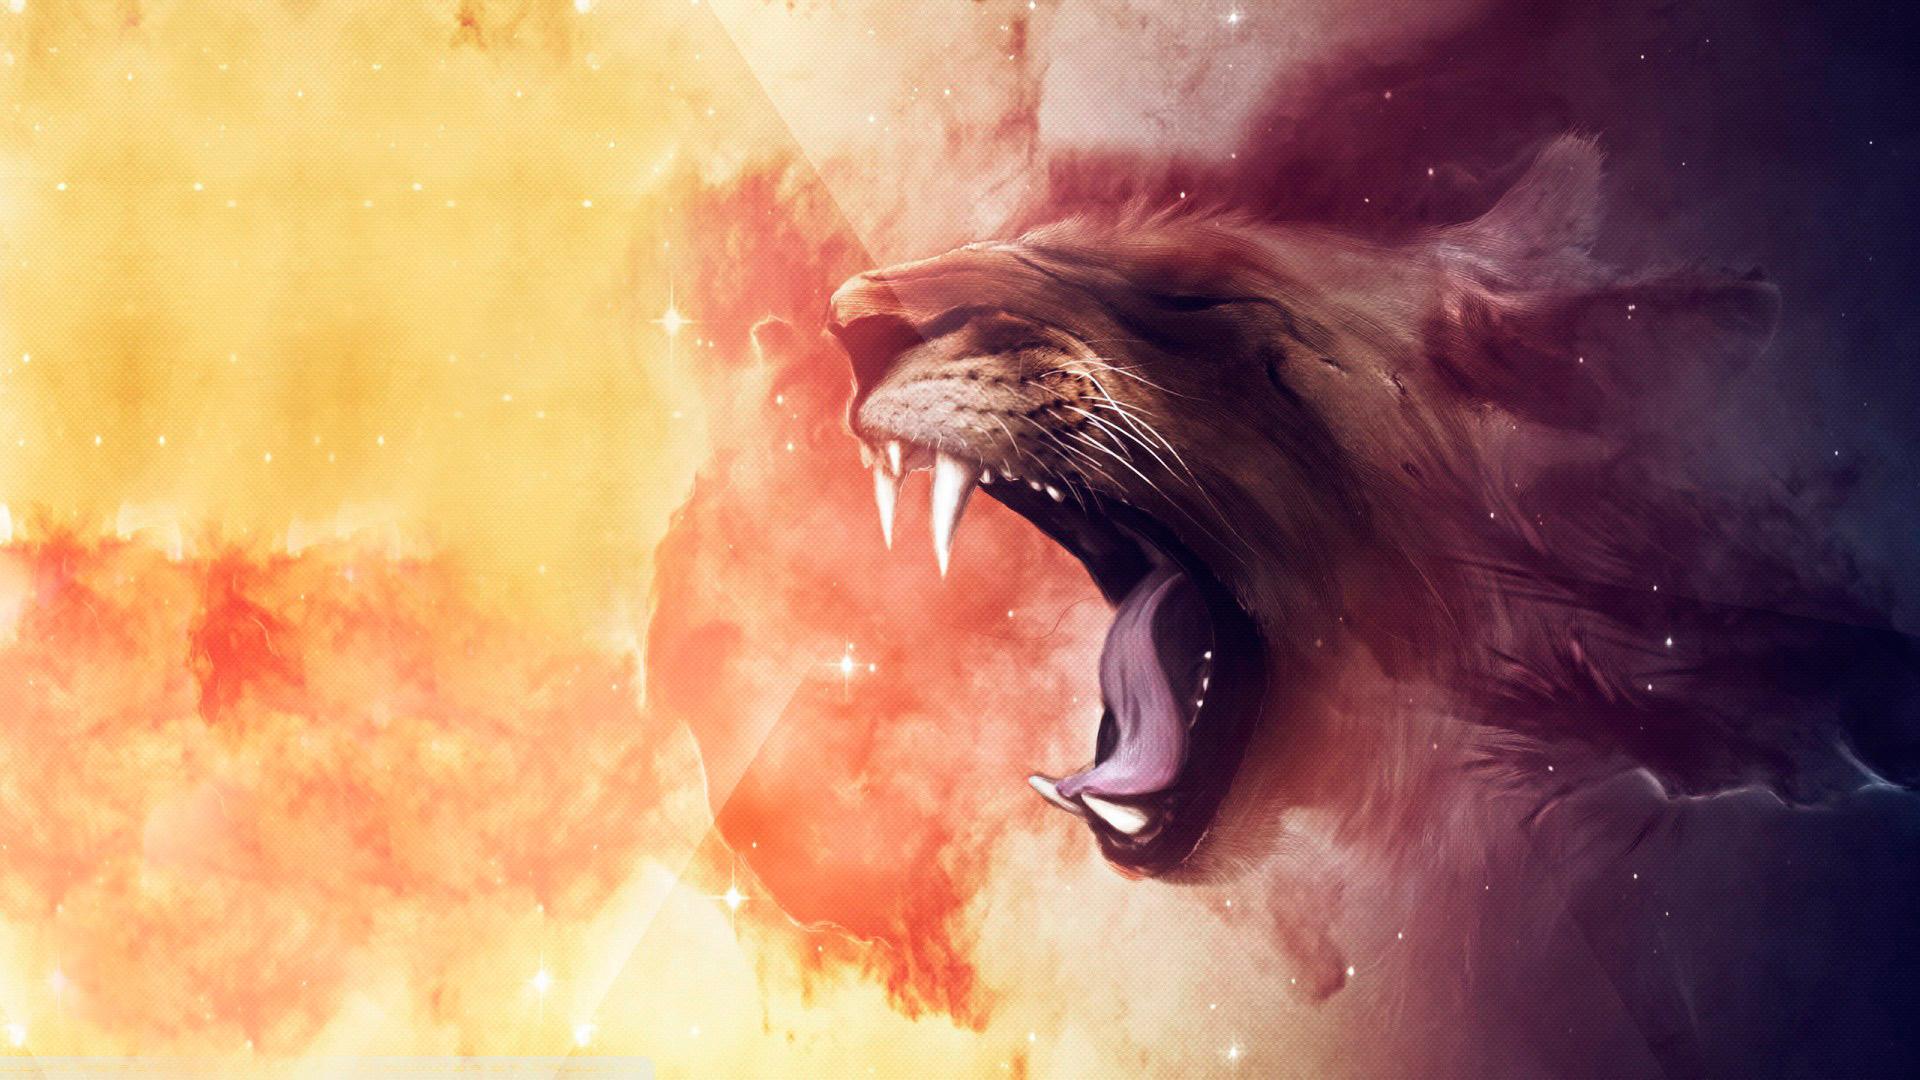 Gueule de leon fond d'écran